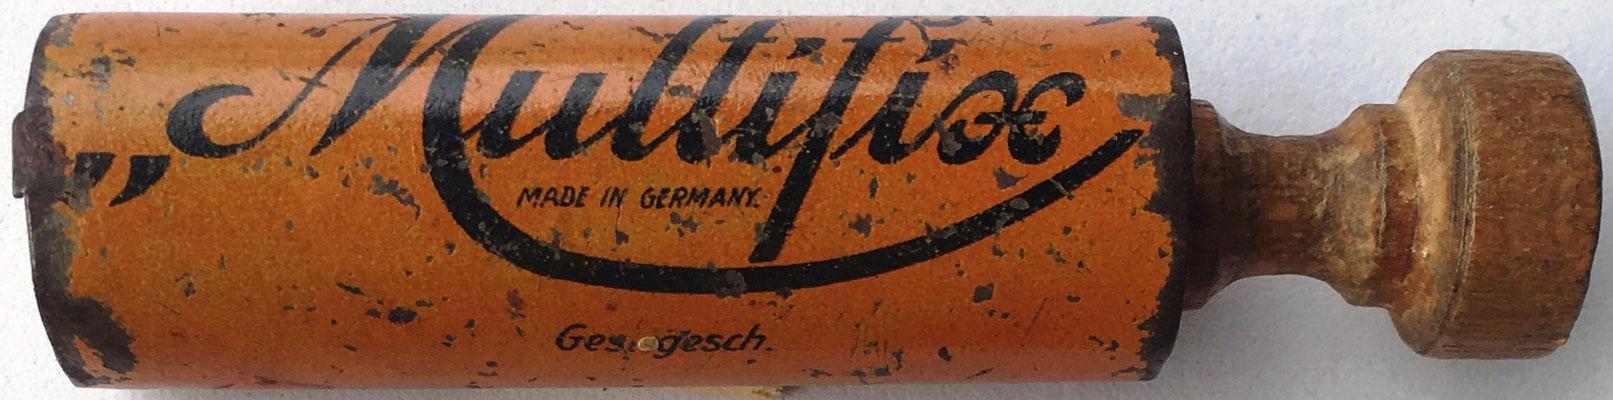 """Capacidad de productos hasta 10x10. Ges. gesch. (gesetzlich geschützt), """"protegido por ley"""""""